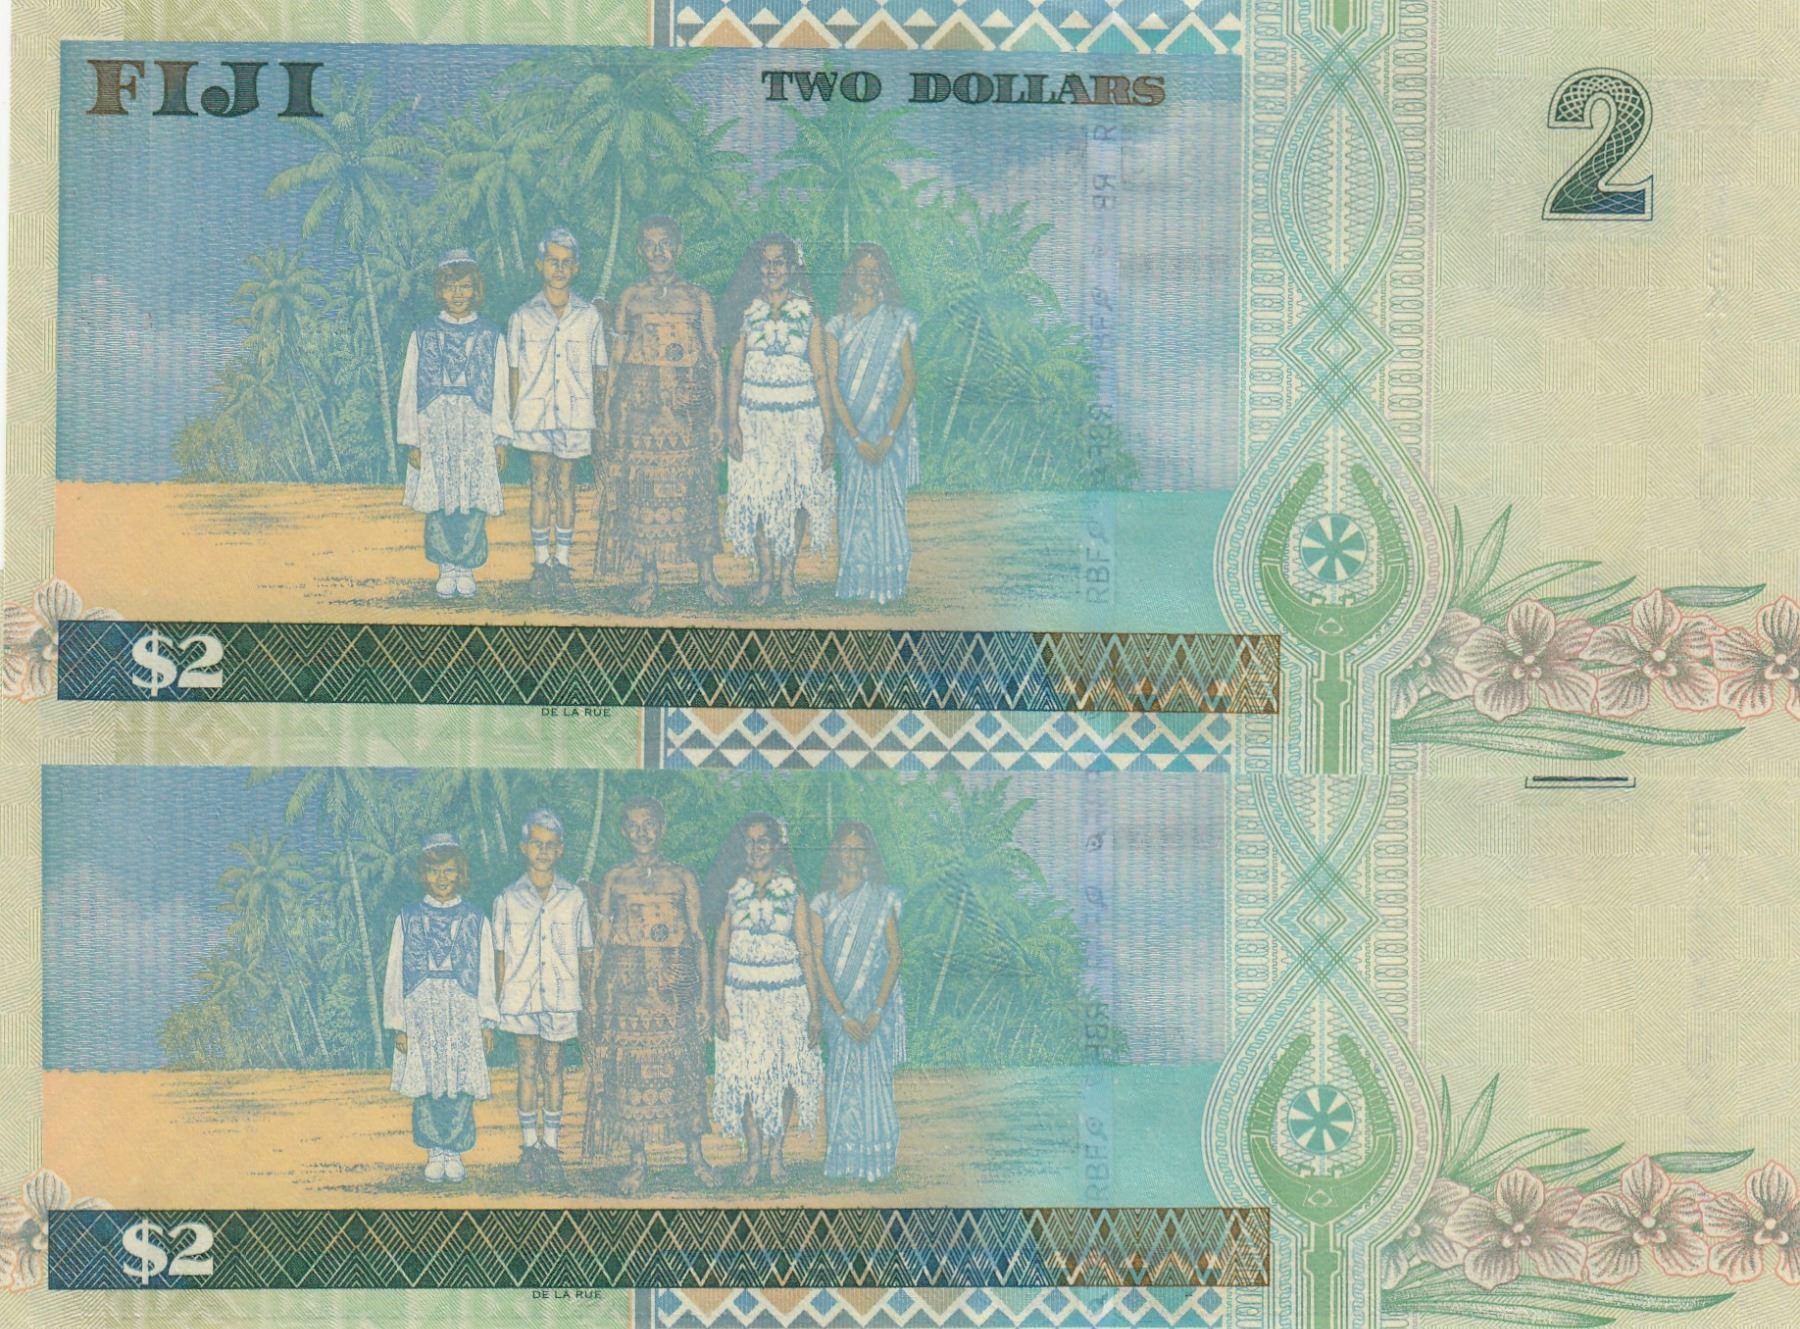 Banknote UNC $2 Dollars Fiji  2002 QEII